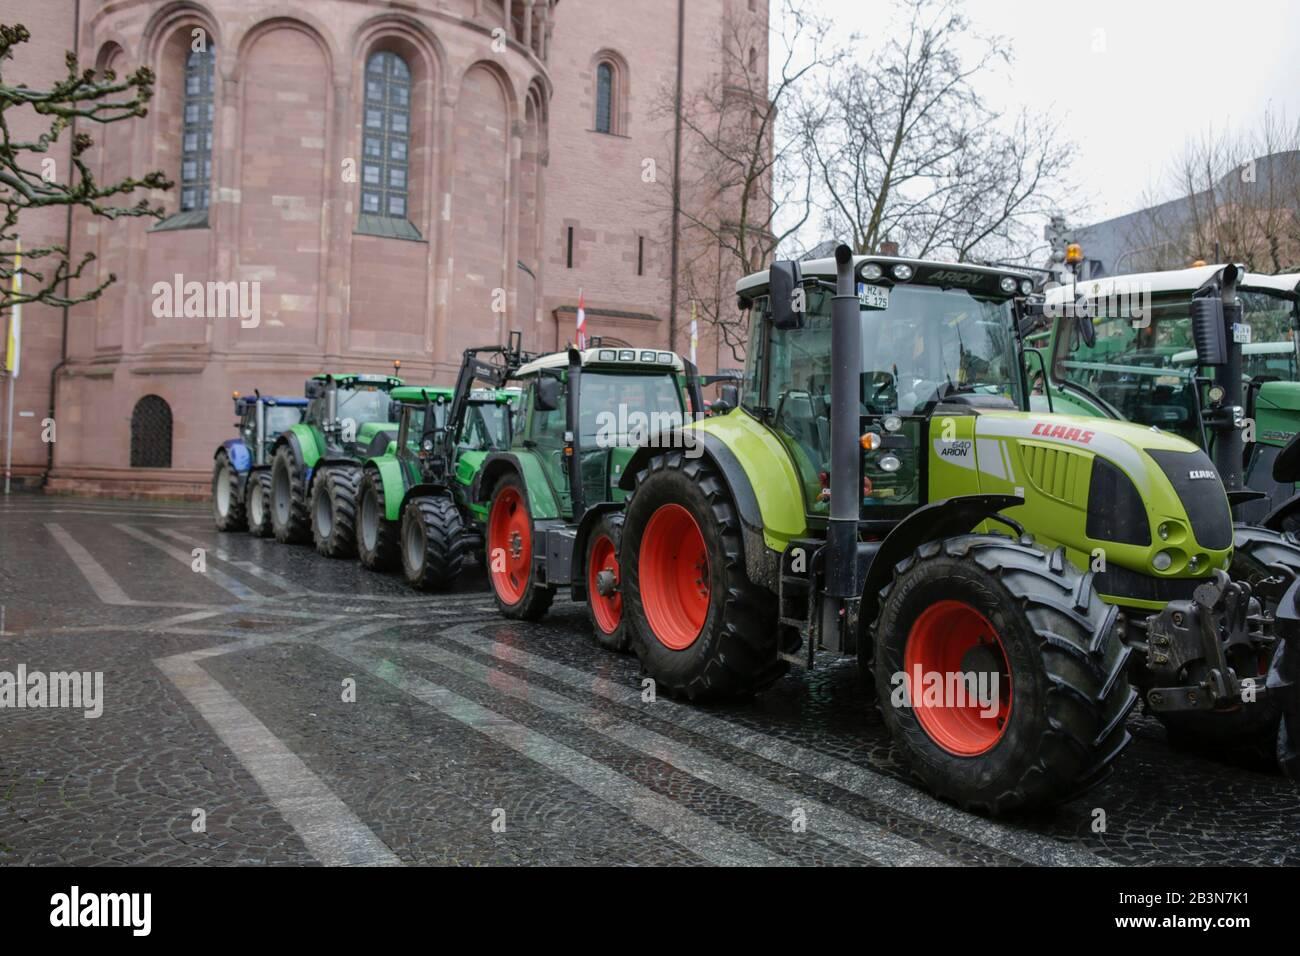 Magonza, Germania. 5th marzo 2020. I trattori sono parcheggiati nel centro di Magonza di fronte alla cattedrale. Poche centinaia di agricoltori con il loro trattore protestò nel centro di Mainz contro le nuove normative sui fertilizzanti e per un migliore riconoscimento del loro lavoro. Foto Stock